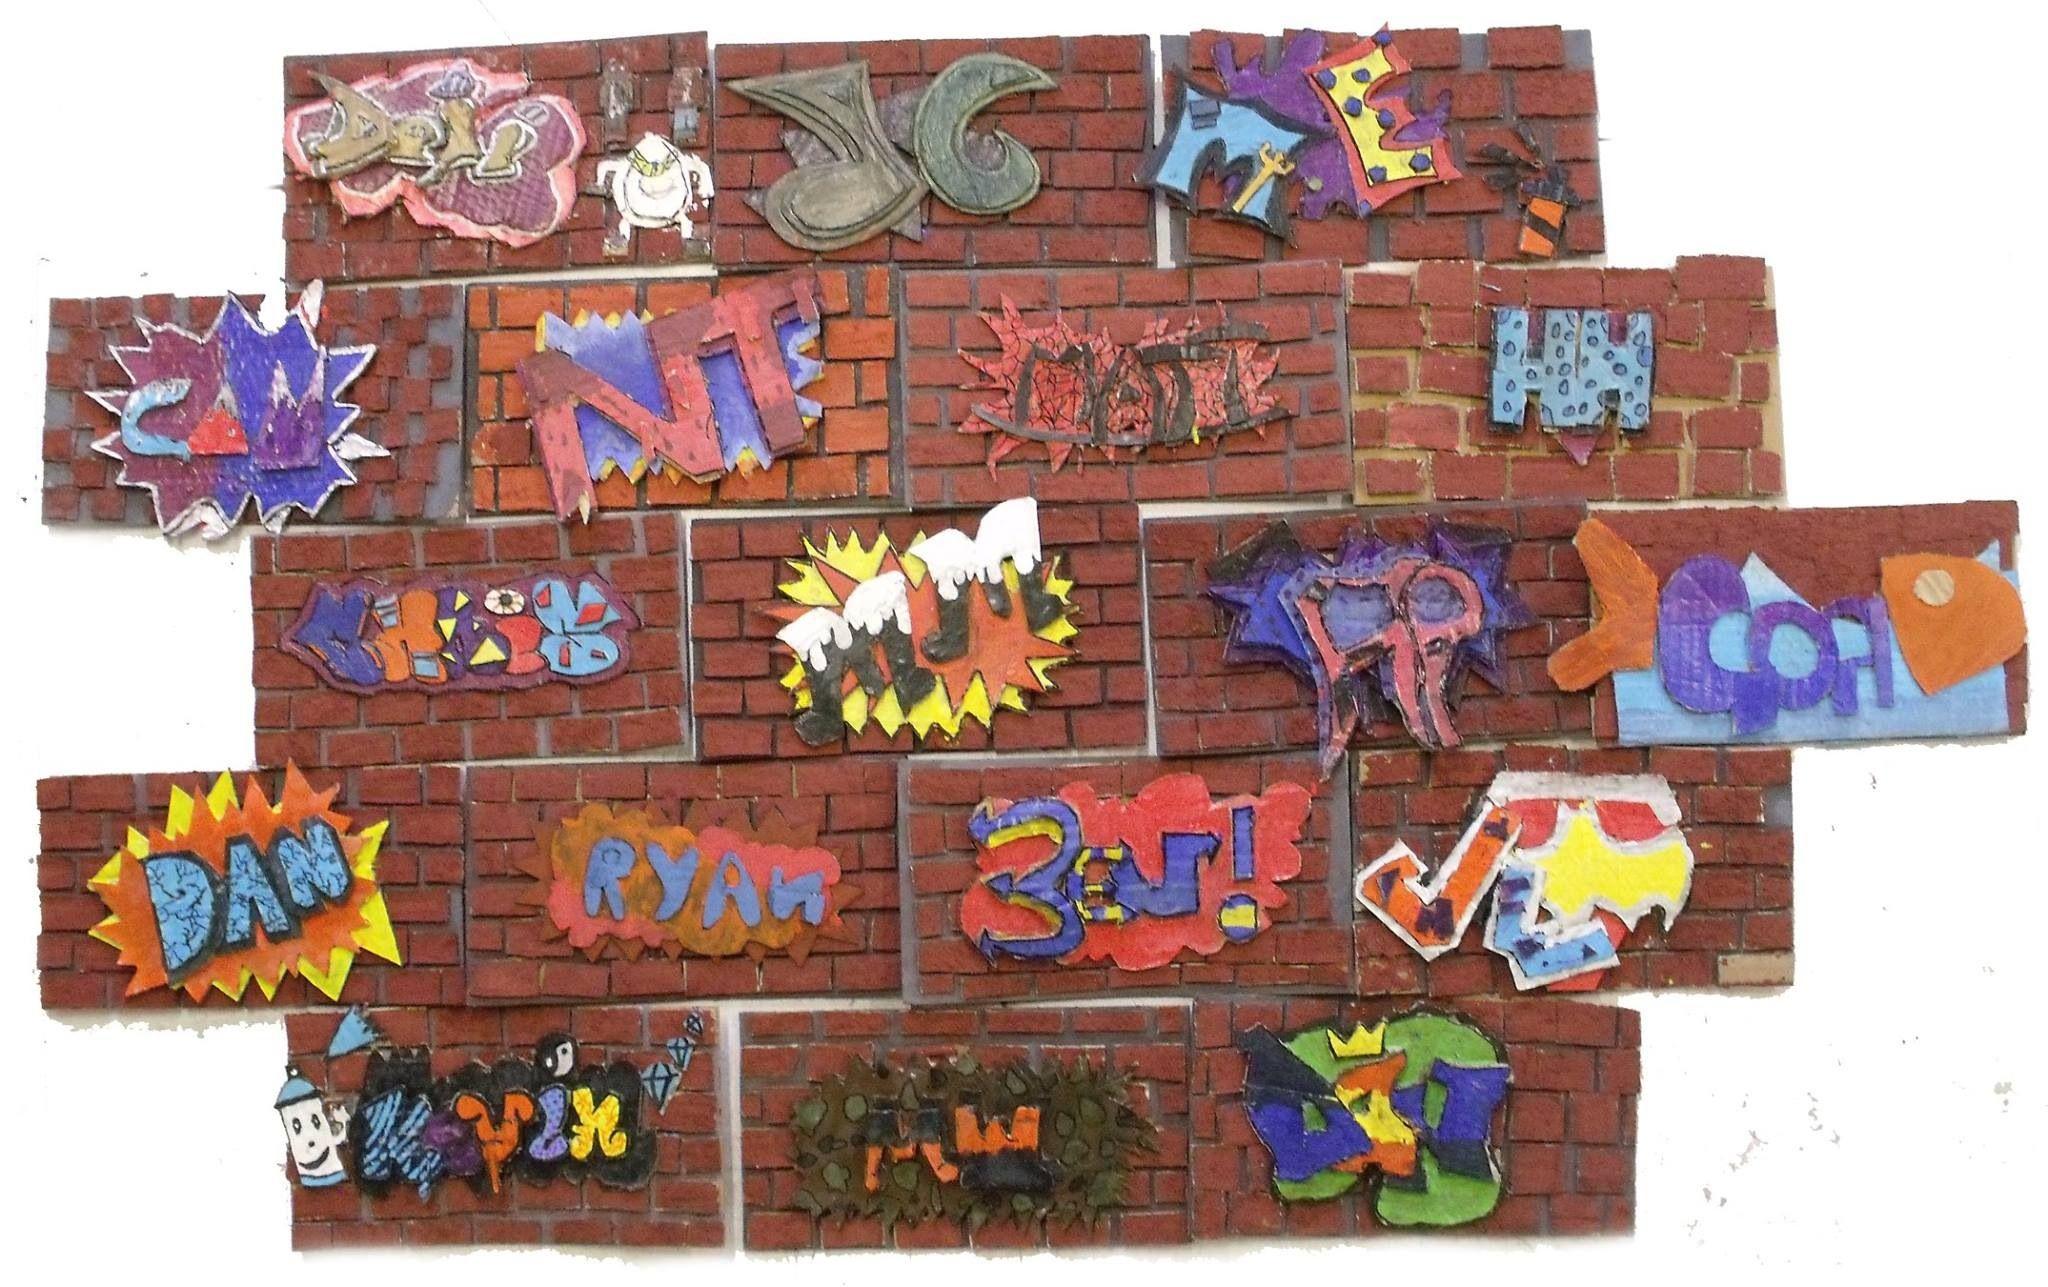 810 Ide Graffiti Art Ks3 Yang Bisa Anda Tiru